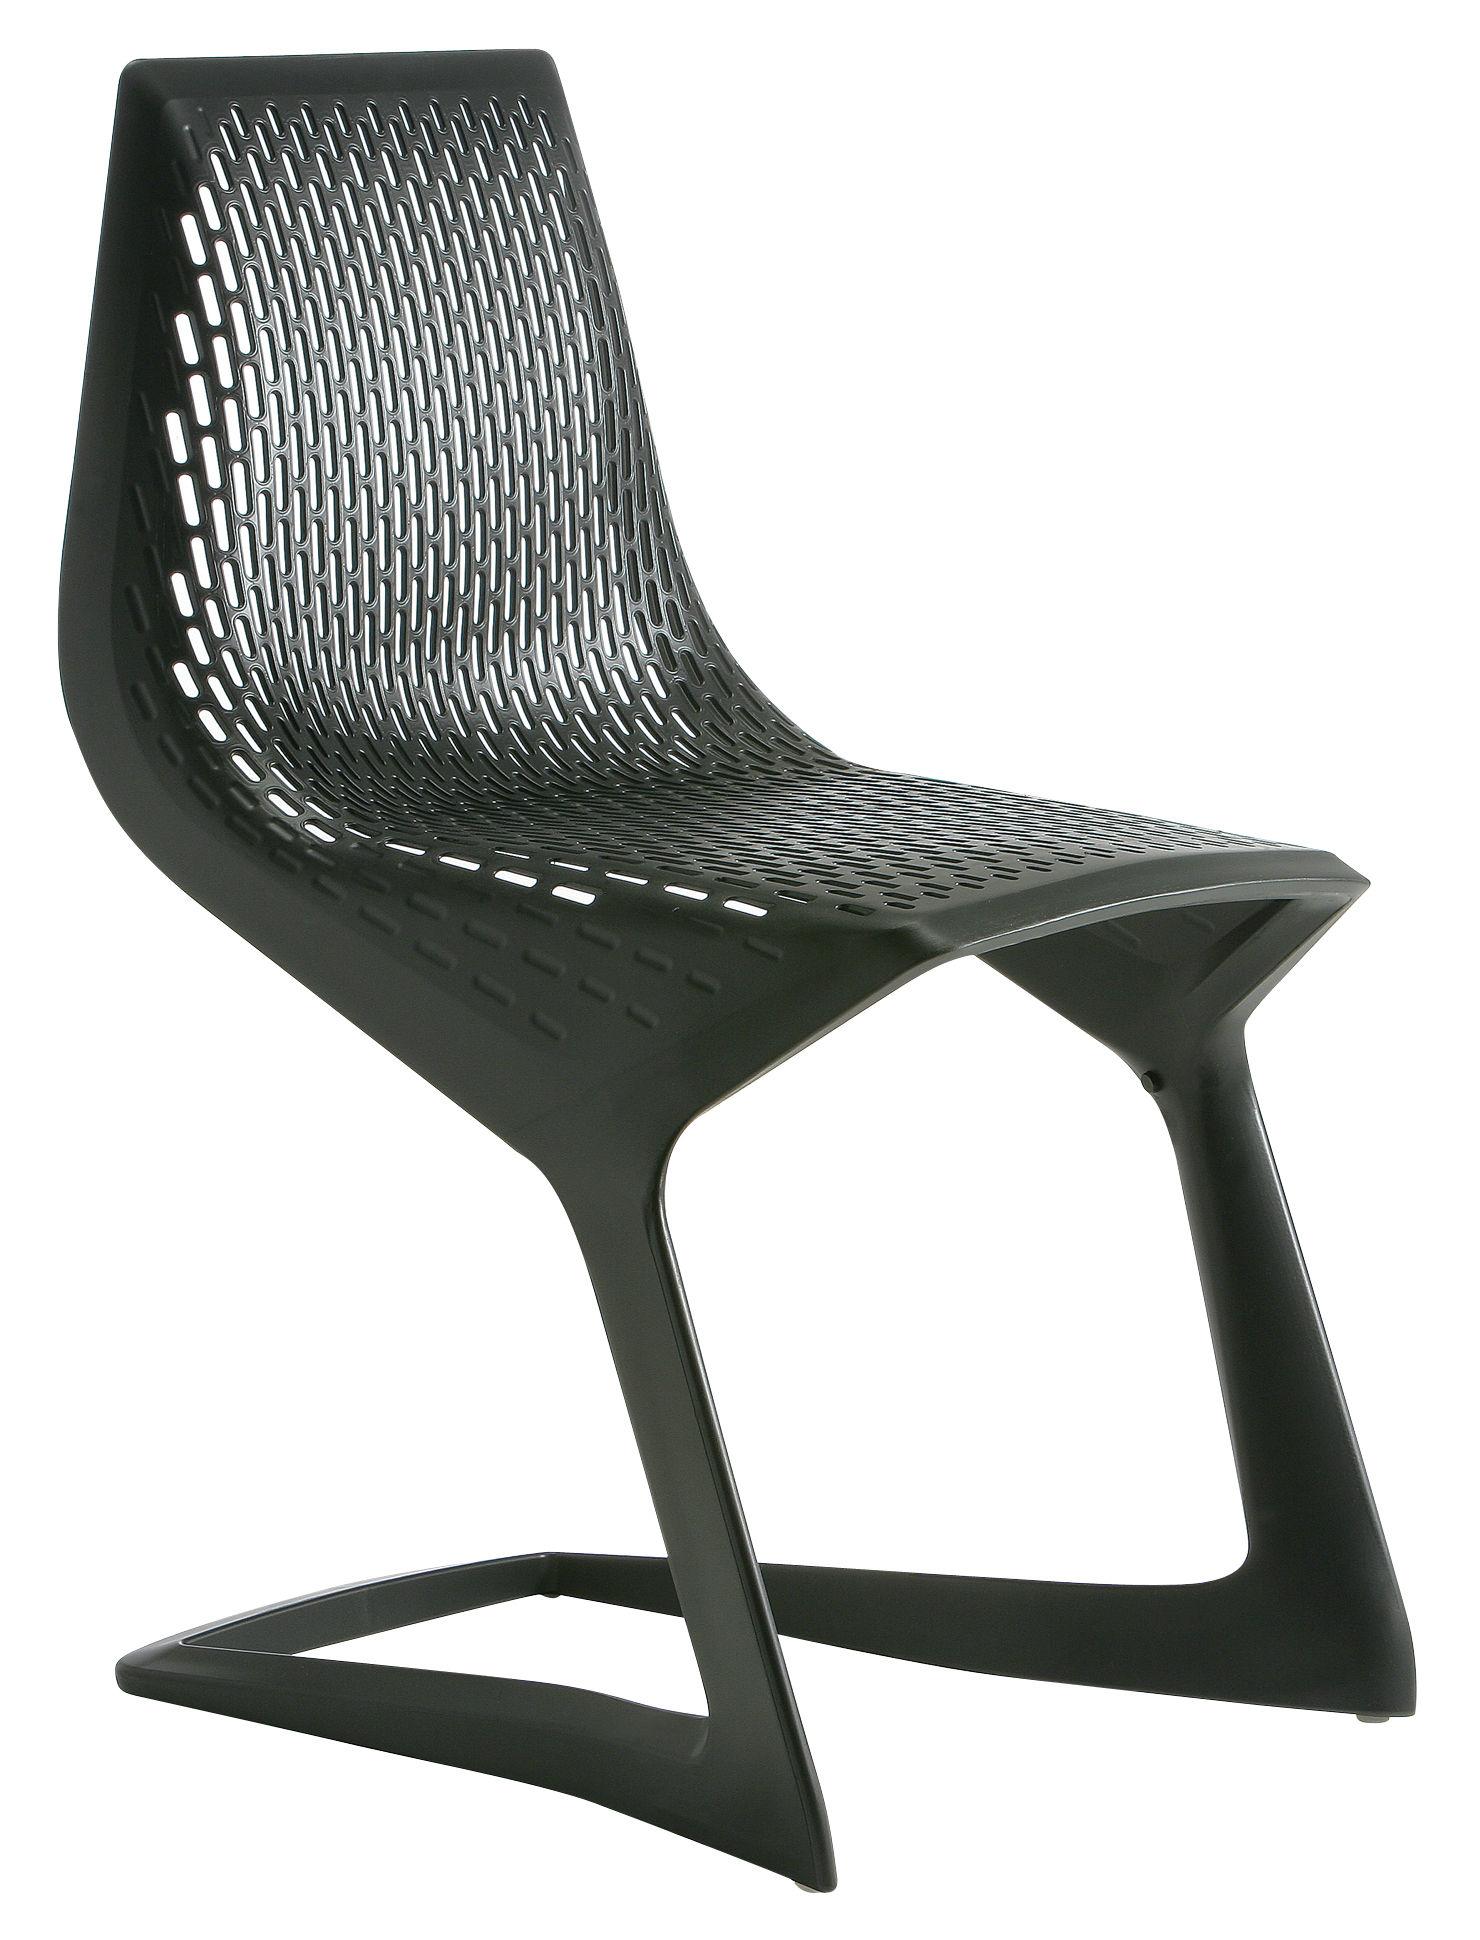 Möbel - Stühle  - Myto Stapelbarer Stuhl - Plank - Schwarz - Plastikmaterial